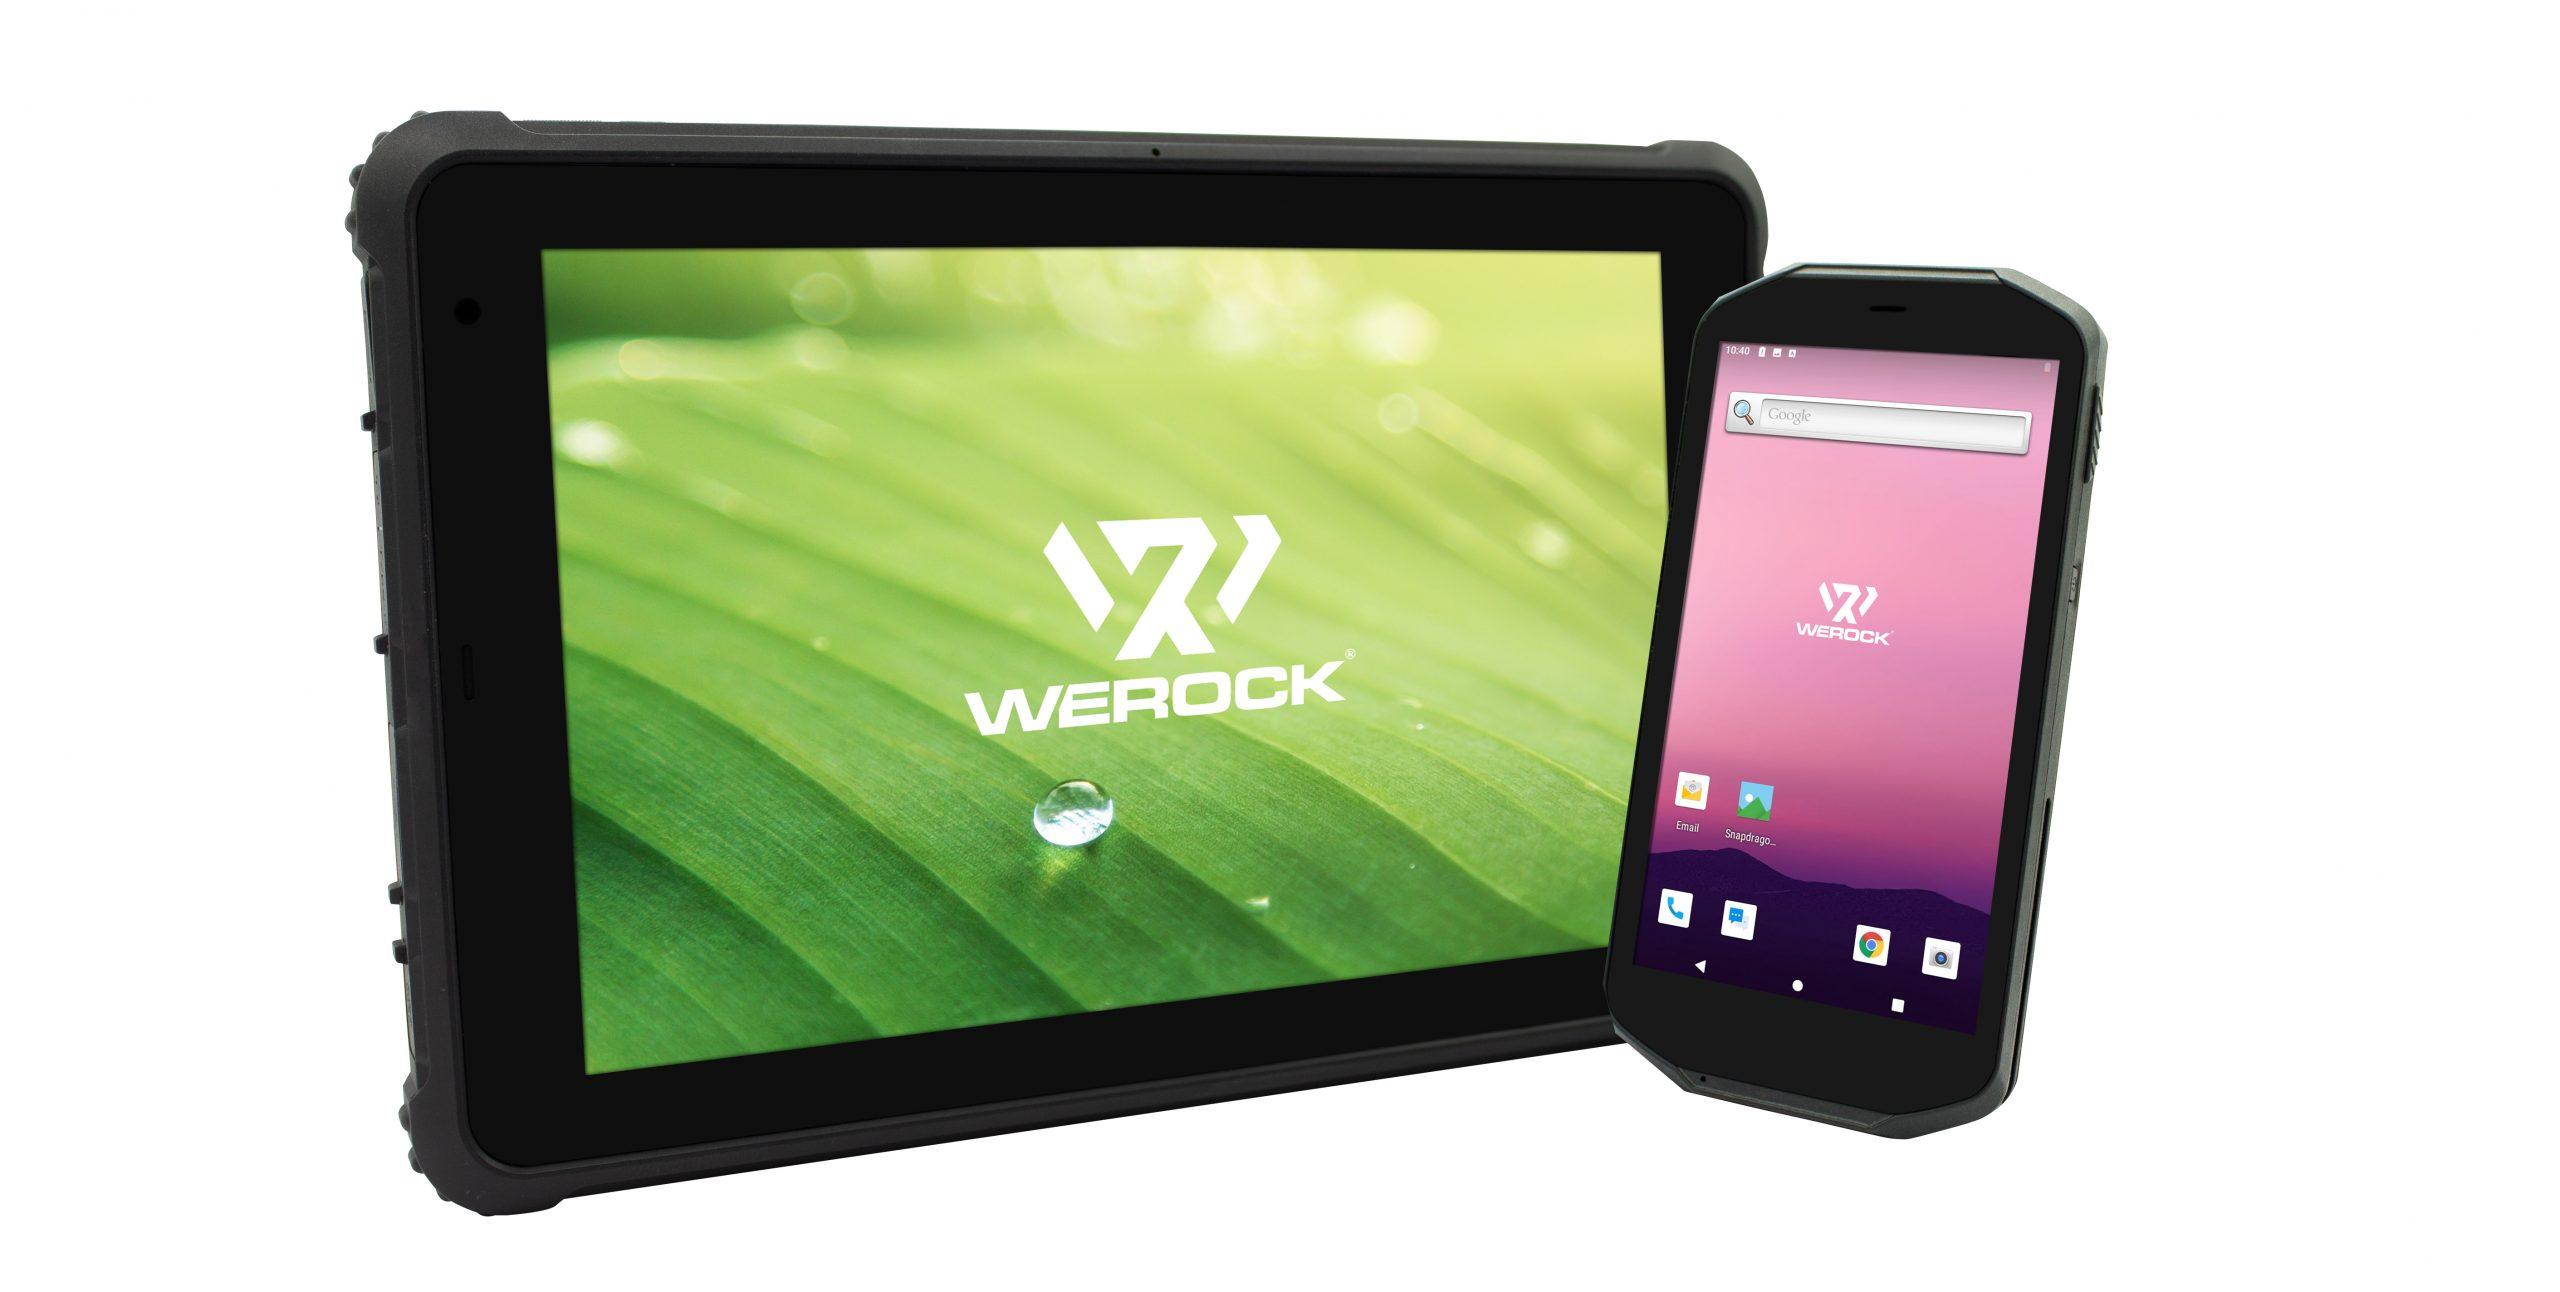 Tablet mit Google-Diensten erhältlich